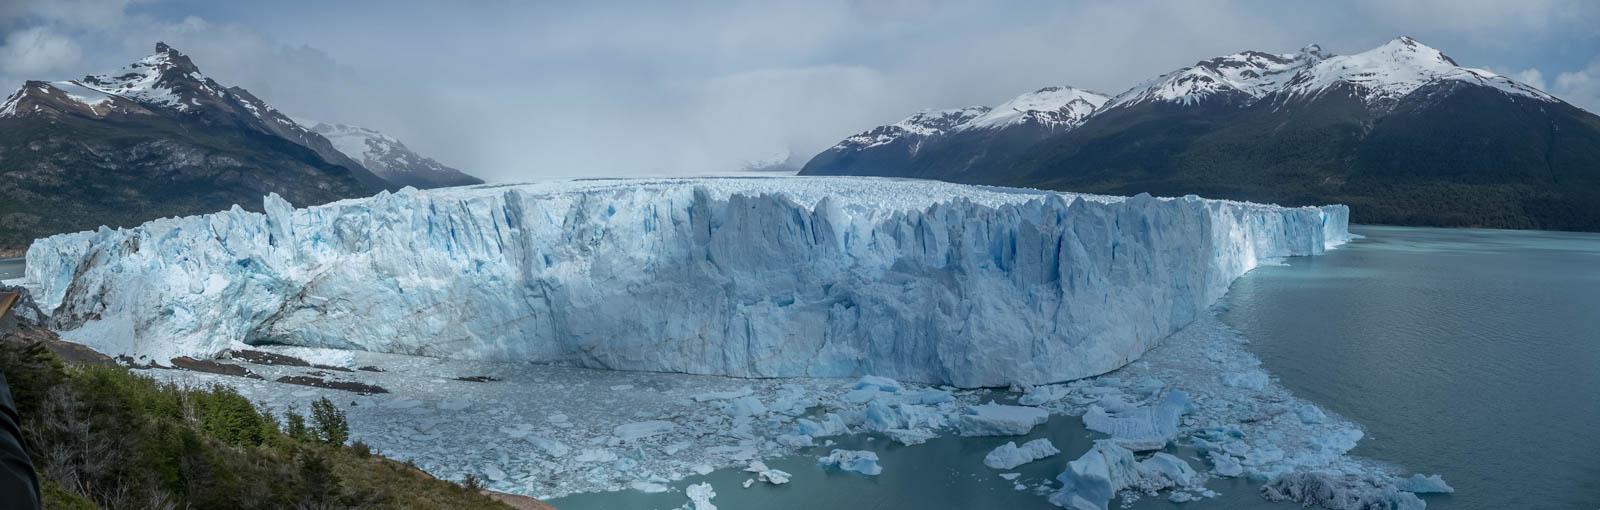 Panorama view of the Perito Moreno glacier